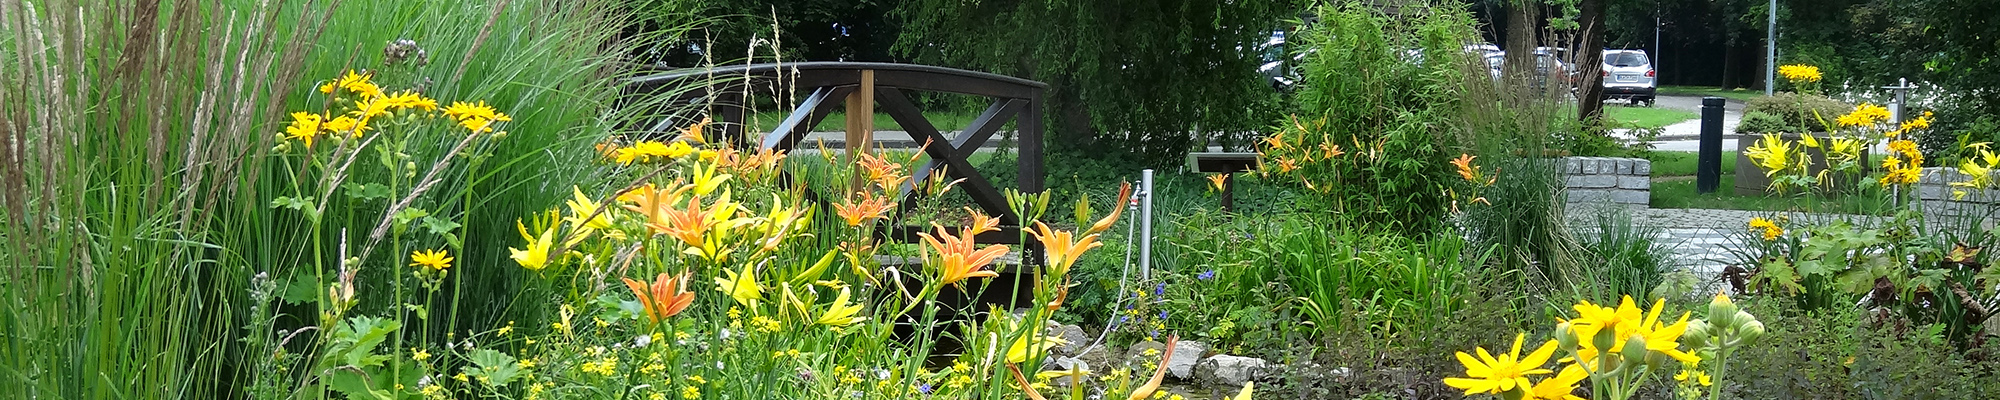 banner-thw-greunanlage-park-lilie-taglilie-gelb-teich-bruecke